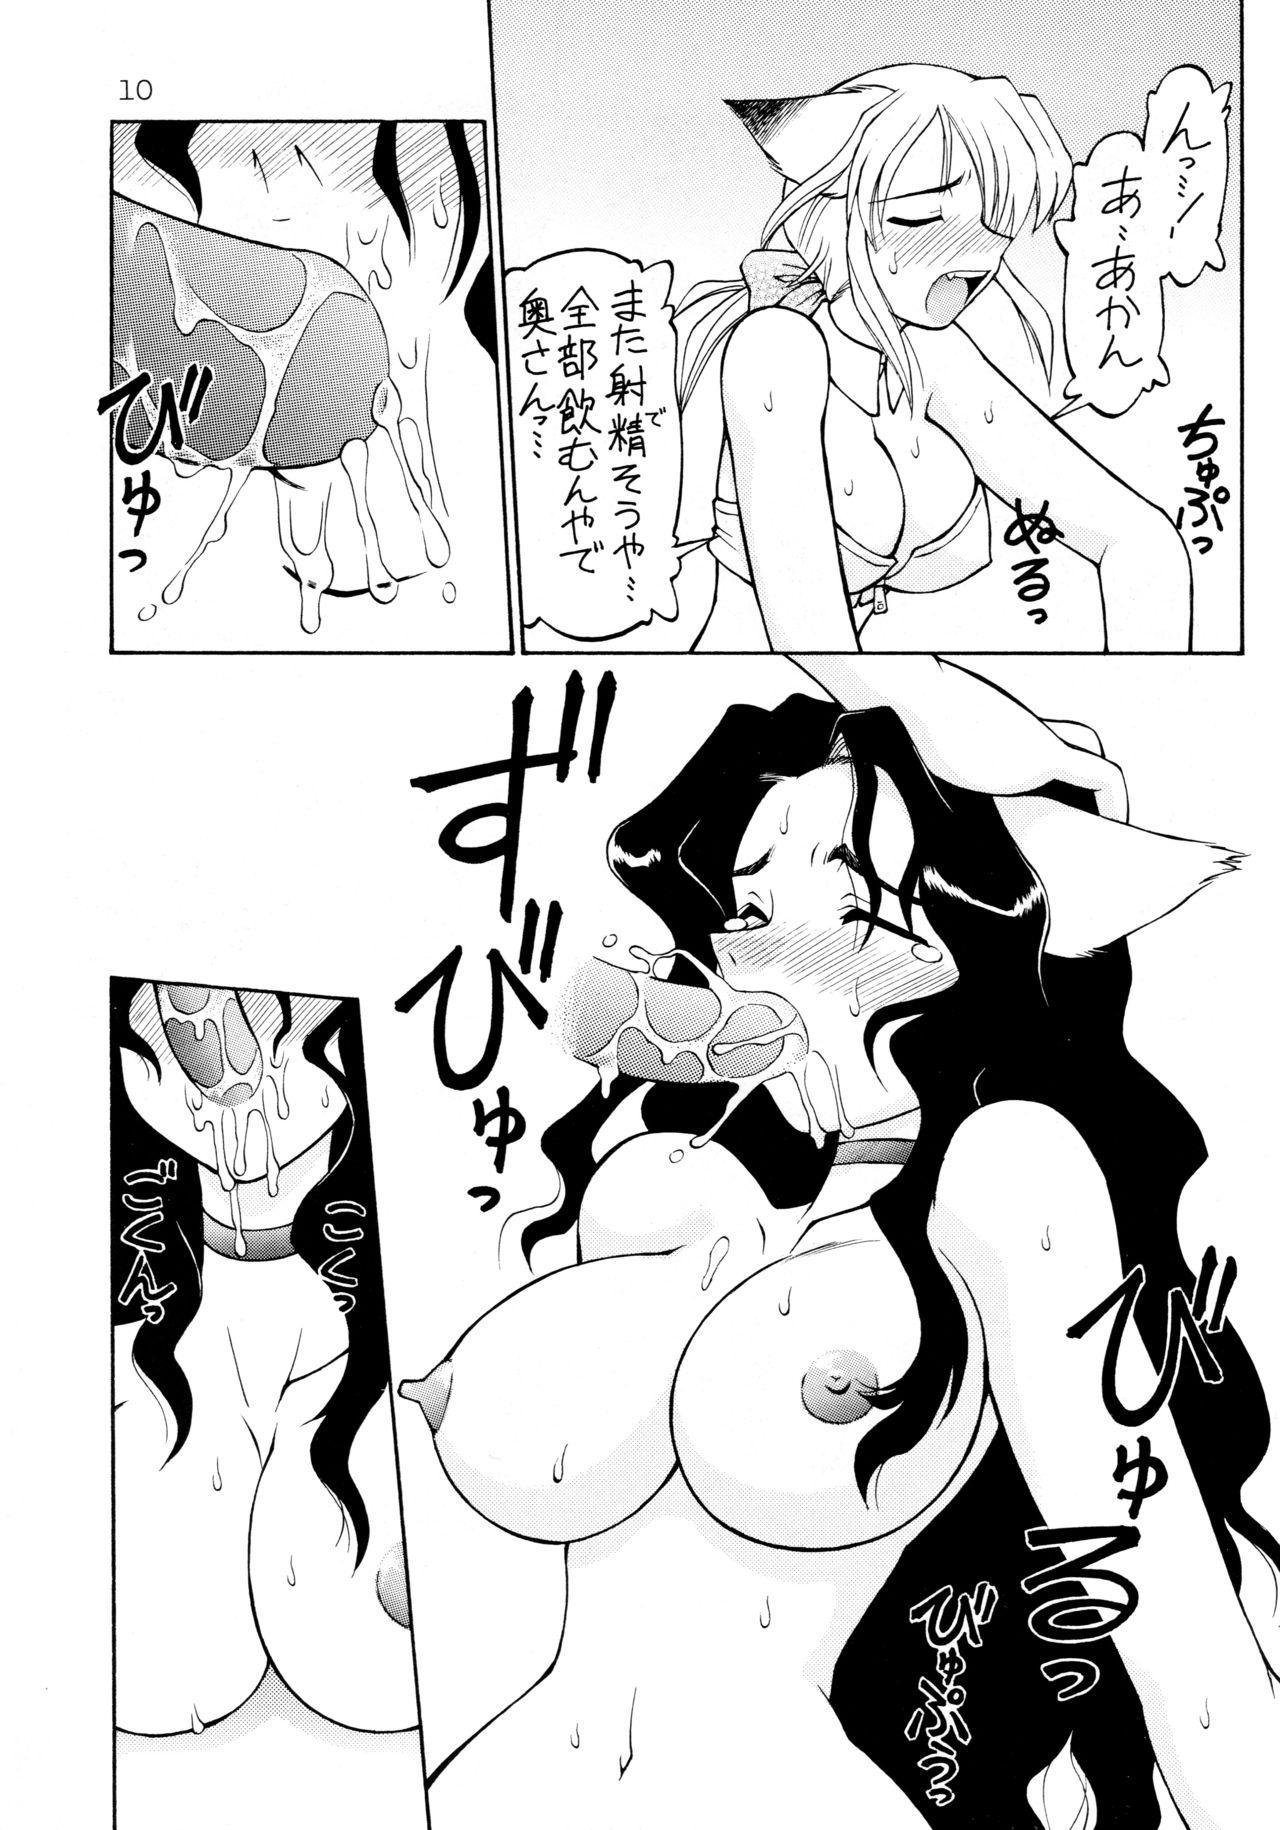 Uwasa no Neko Shuukai 9